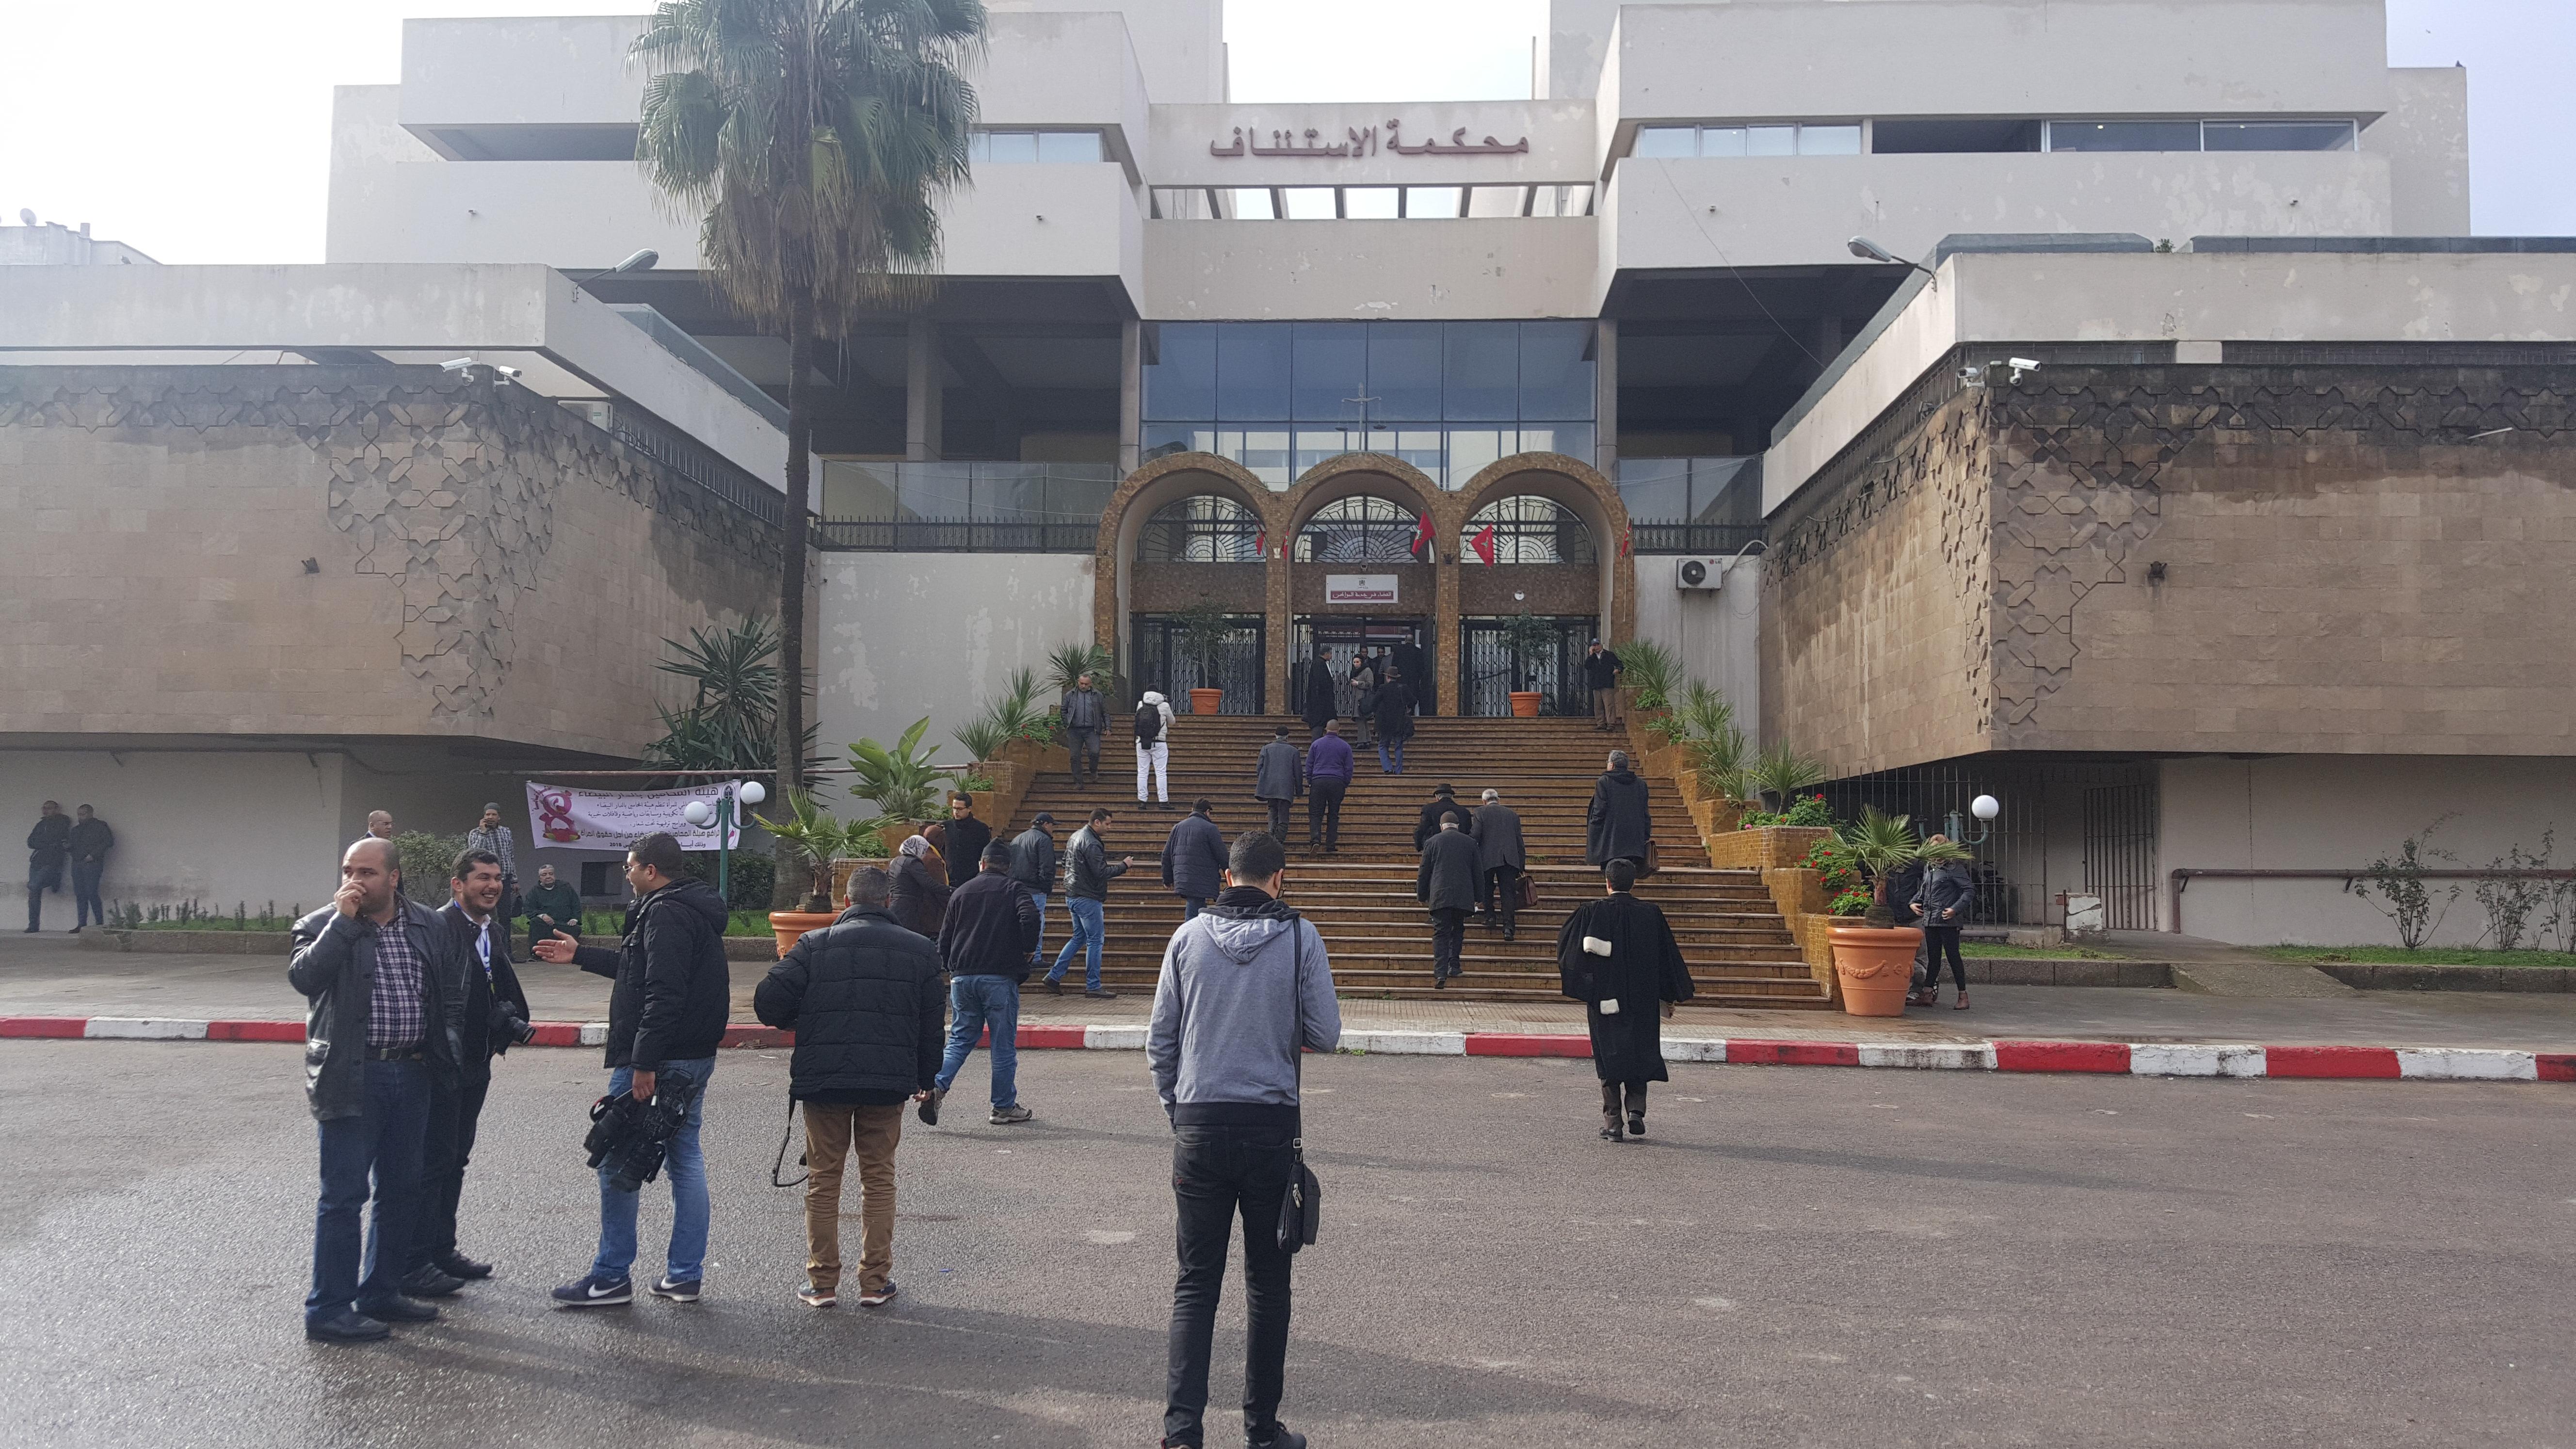 """""""المغربي اليوم"""" يرصد أبرز اللحظات قبل انطلاق محاكمة بوعشرين بحضور منابر وطنية ودولية + صور"""